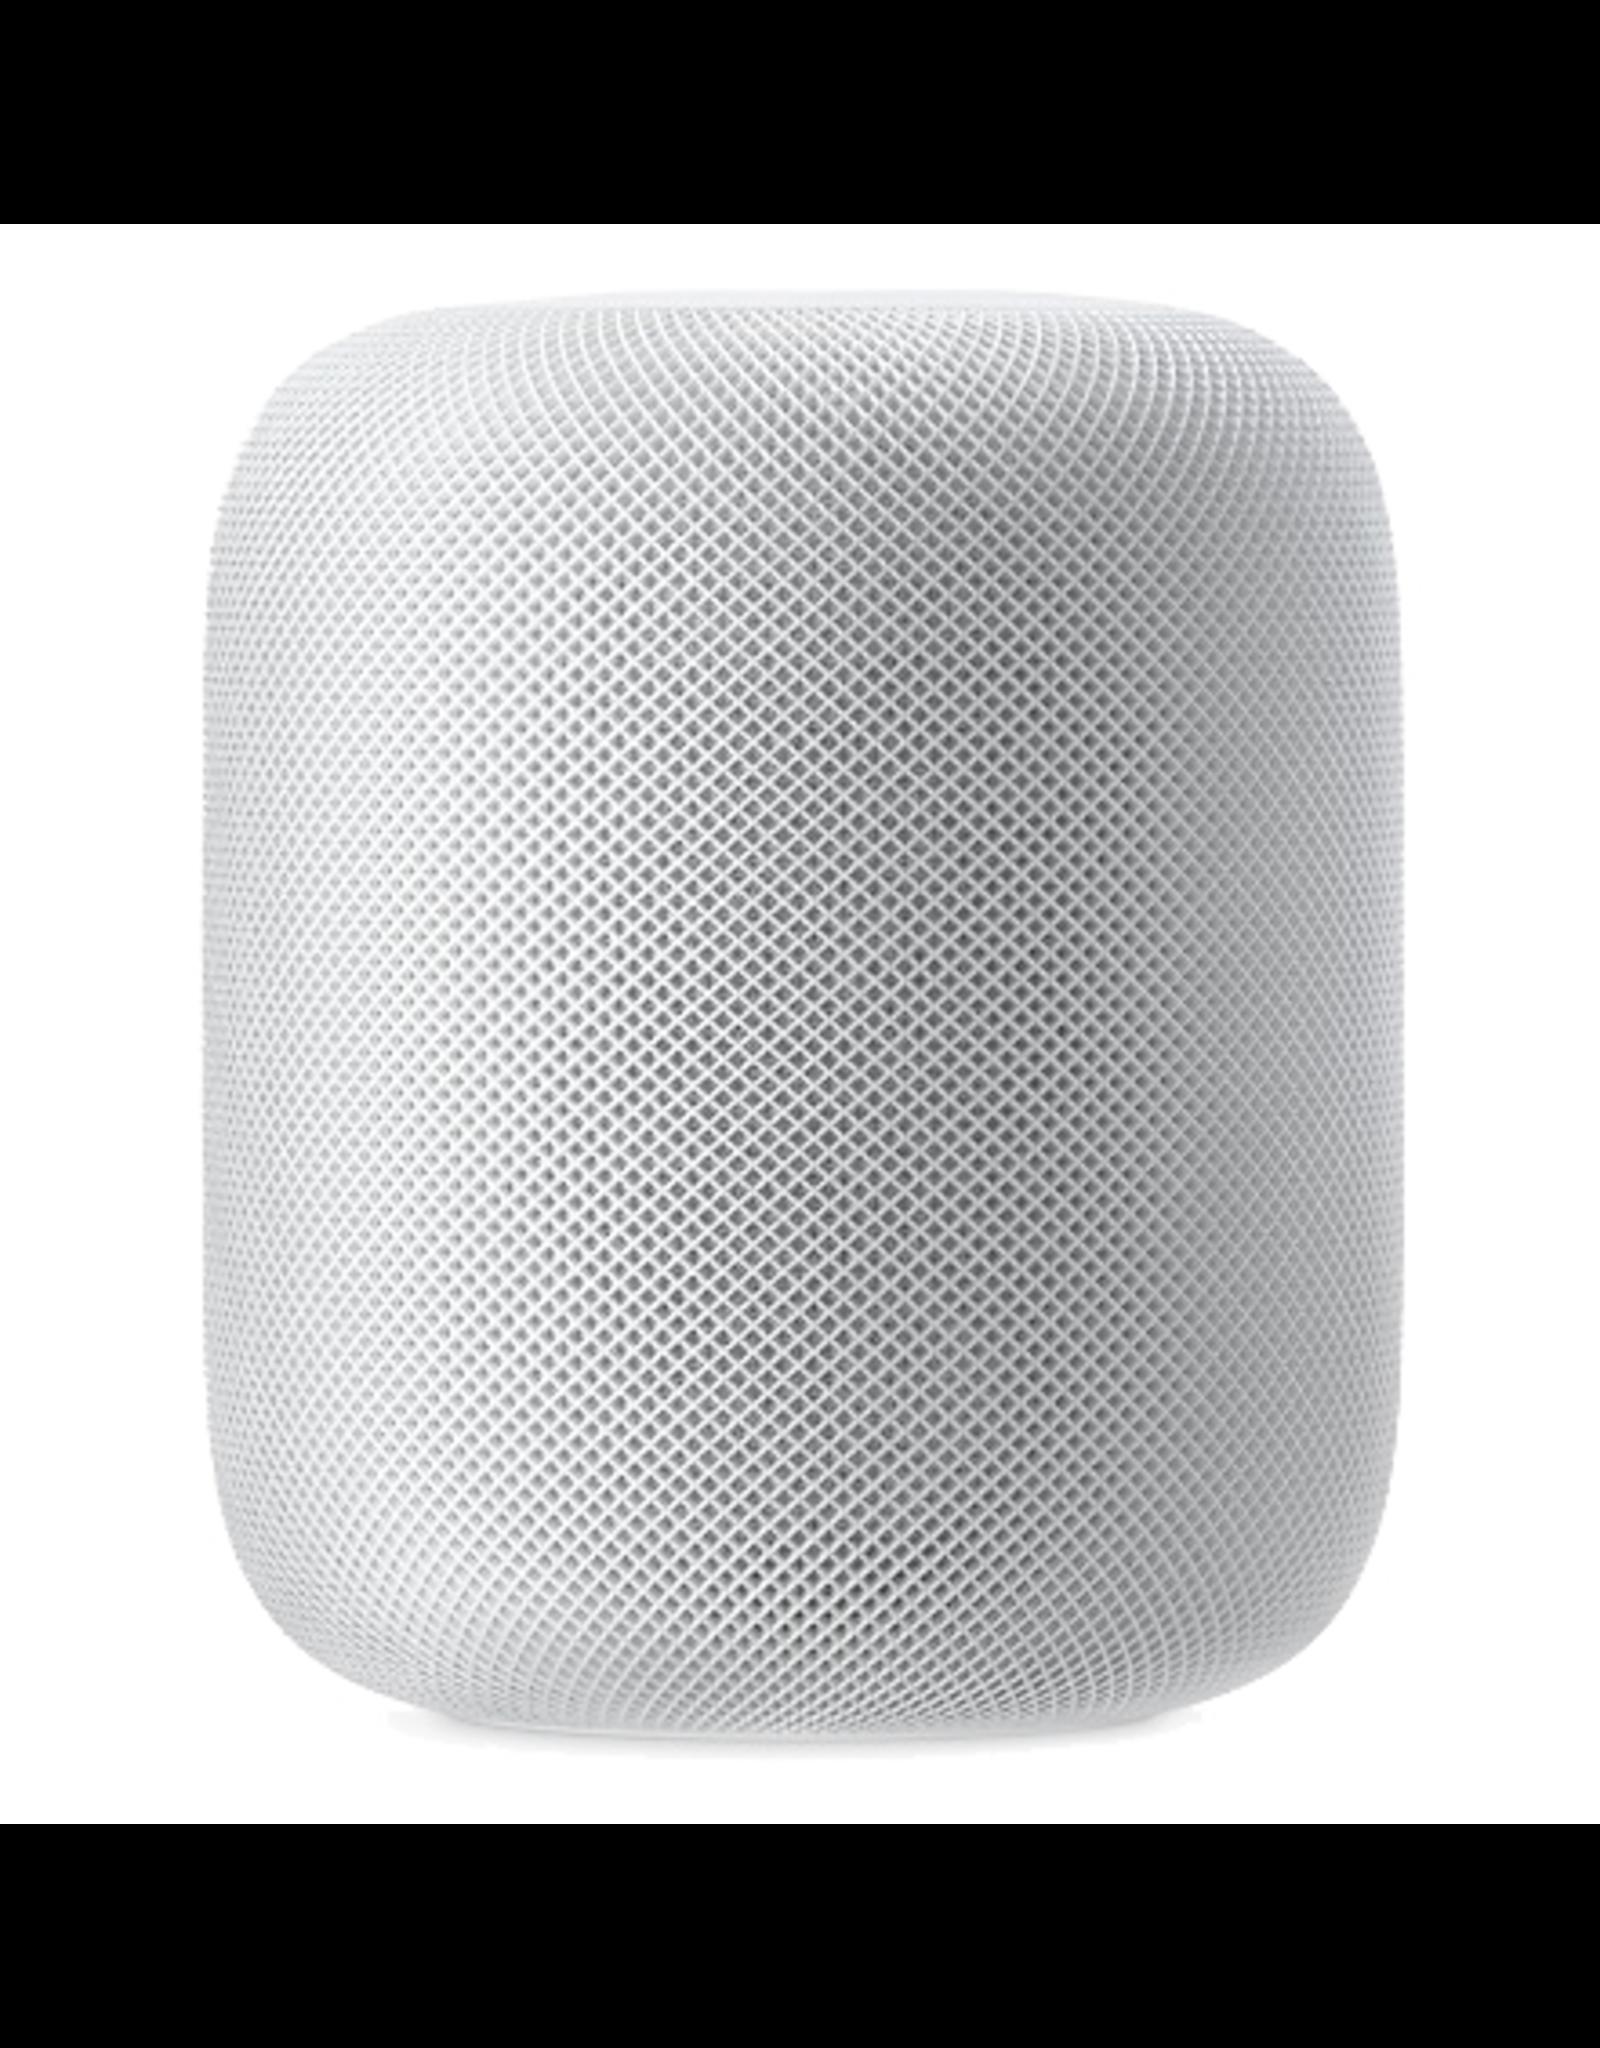 Apple Apple HomePod - White